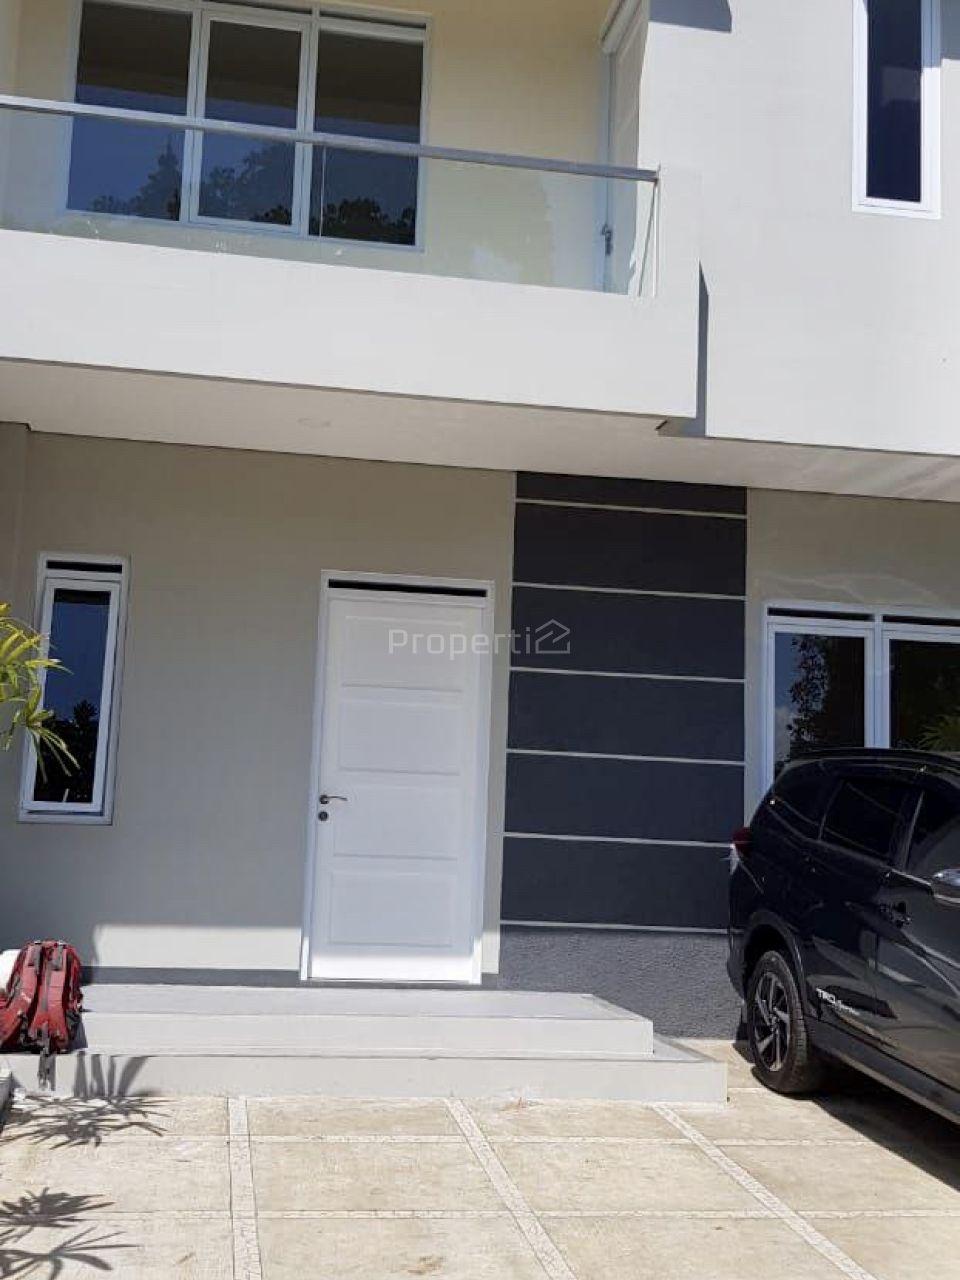 Rumah Baru di Setiabudi, Kota Bandung, Jawa Barat